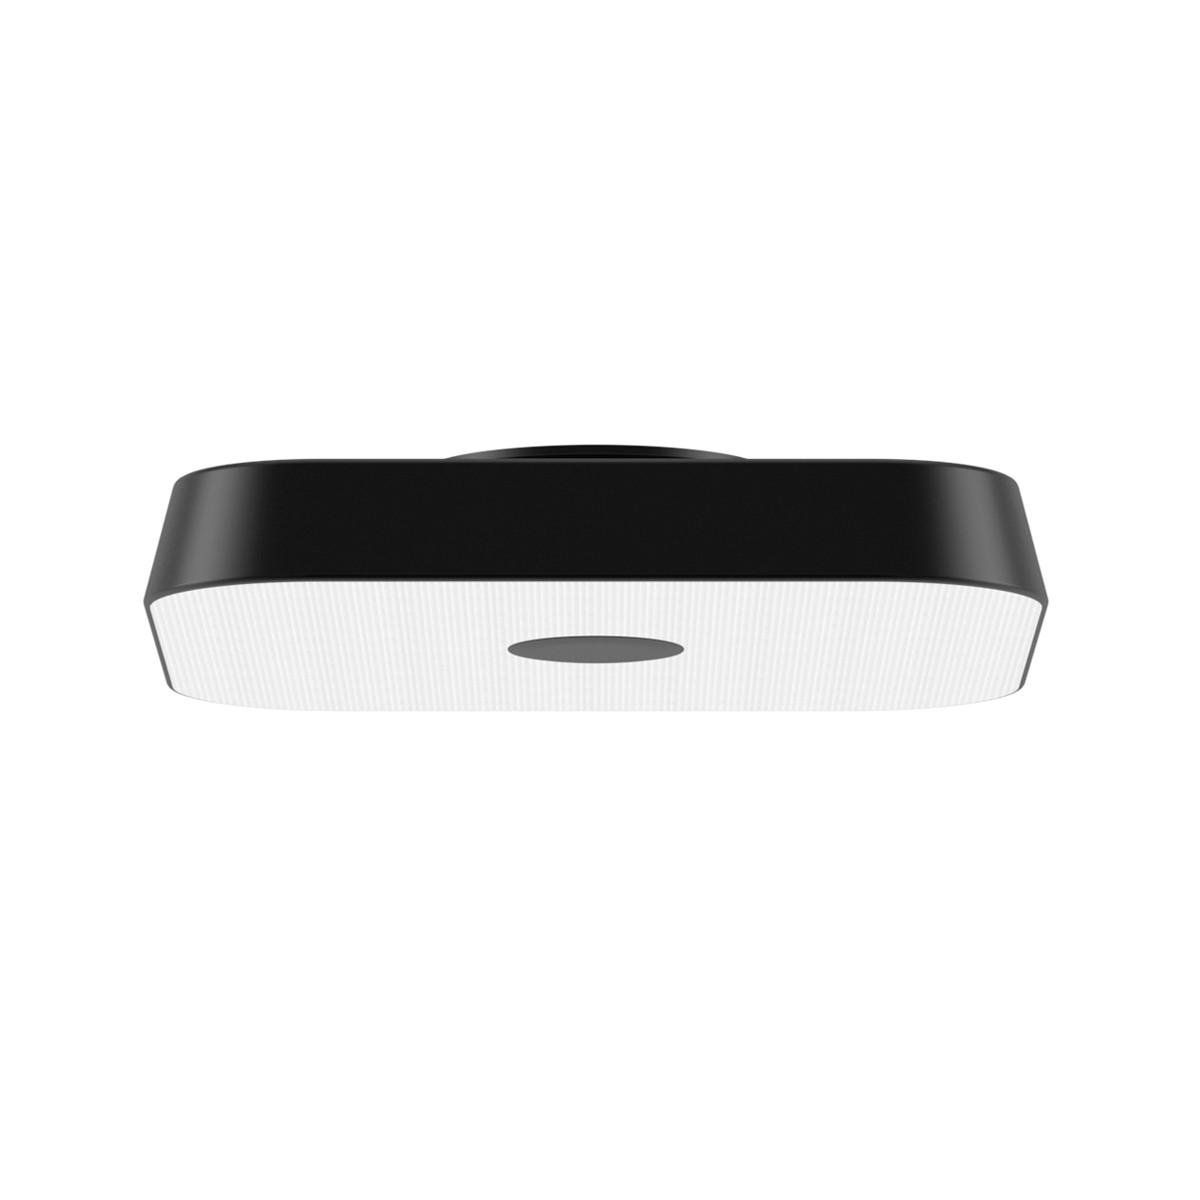 Belux Koi-Q LED Deckenleuchte, dimmbar DALI, 3000K, schwarz